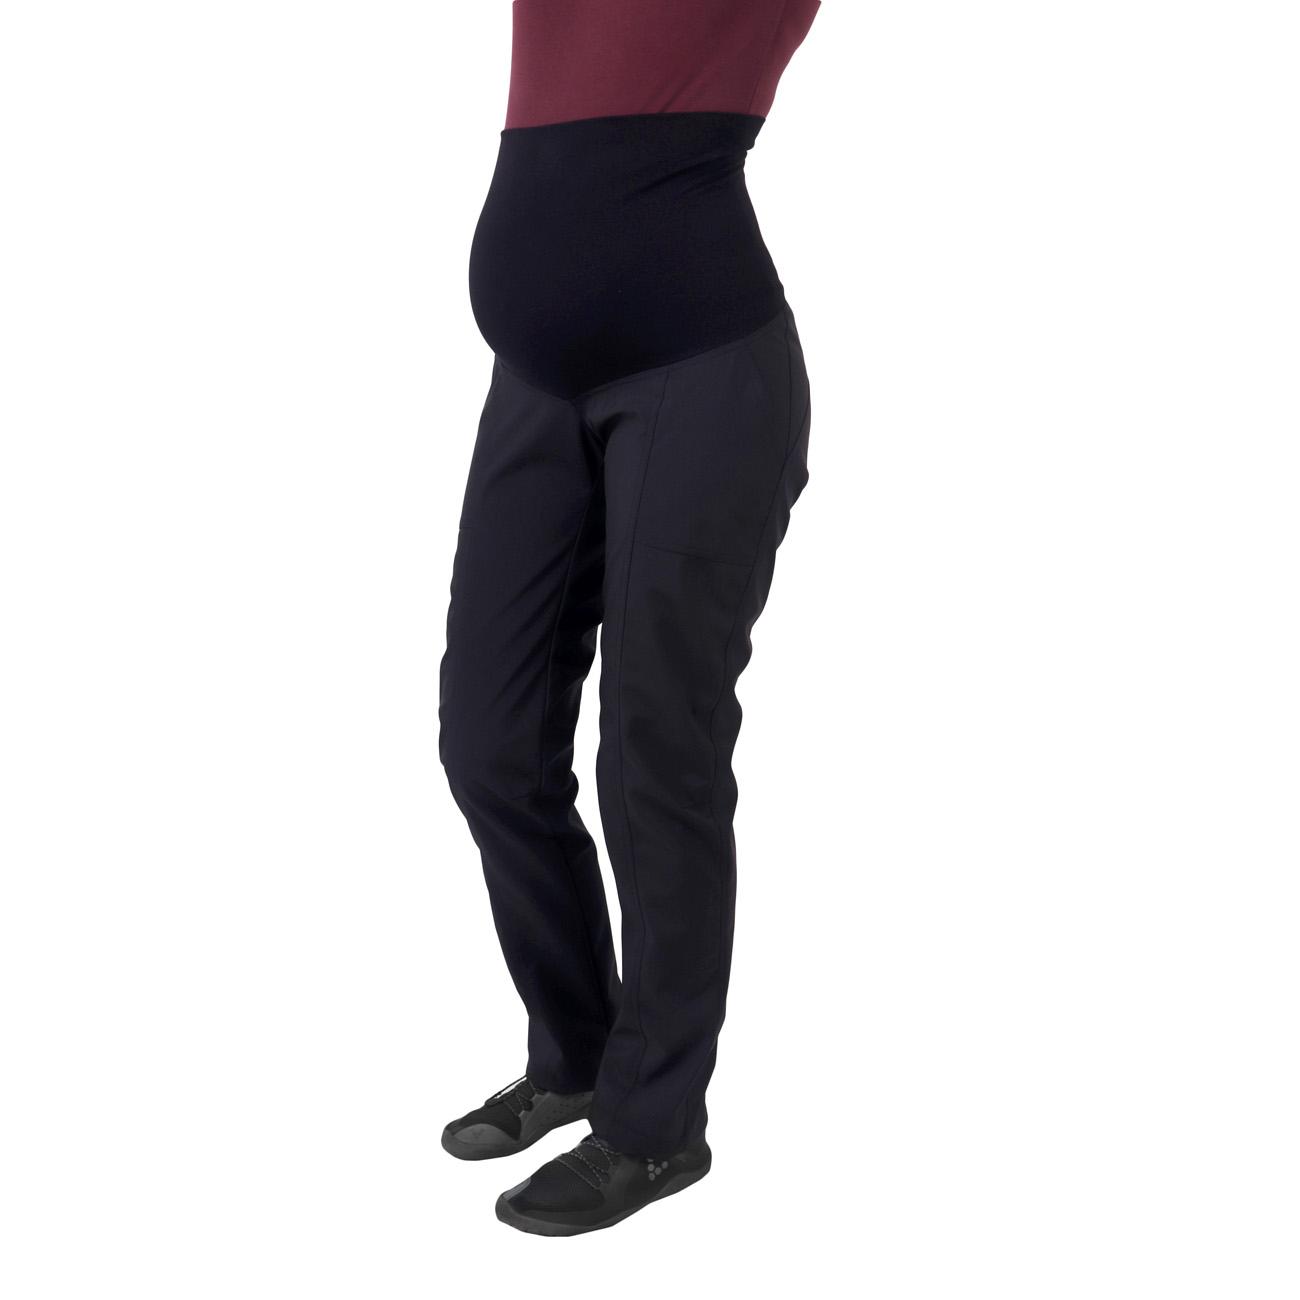 Jarní/letní těhotenské softshellové kalhoty liva, černé, 46 normální délka